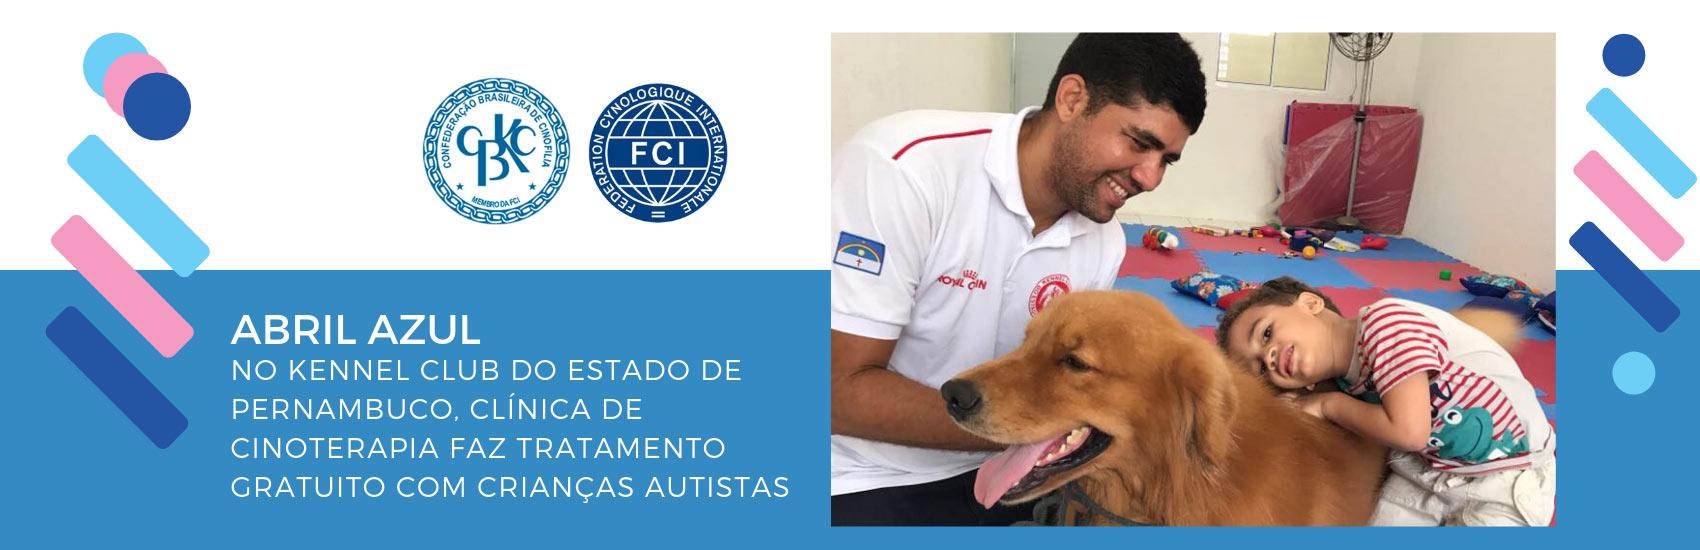 CBKC - Abril Azul - Cães no tratamento de crianças com Autismo